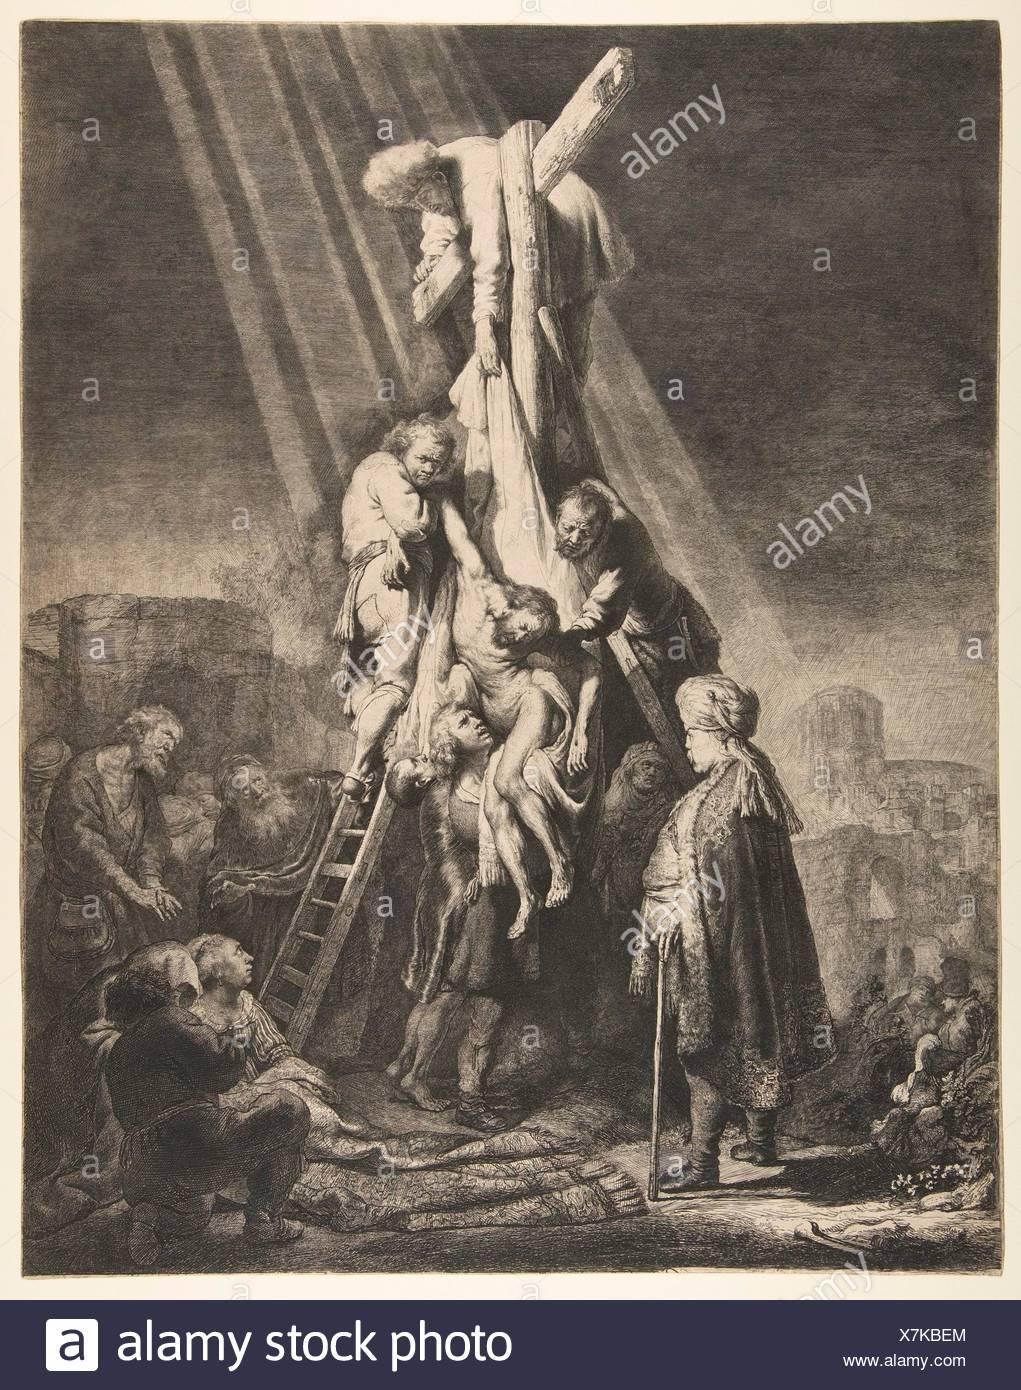 Artist: Rembrandt (Rembrandt van Rijn) (Dutch, Leiden 1606-1669 Amsterdam);  Date: 1633; Medium: Etching and burin;